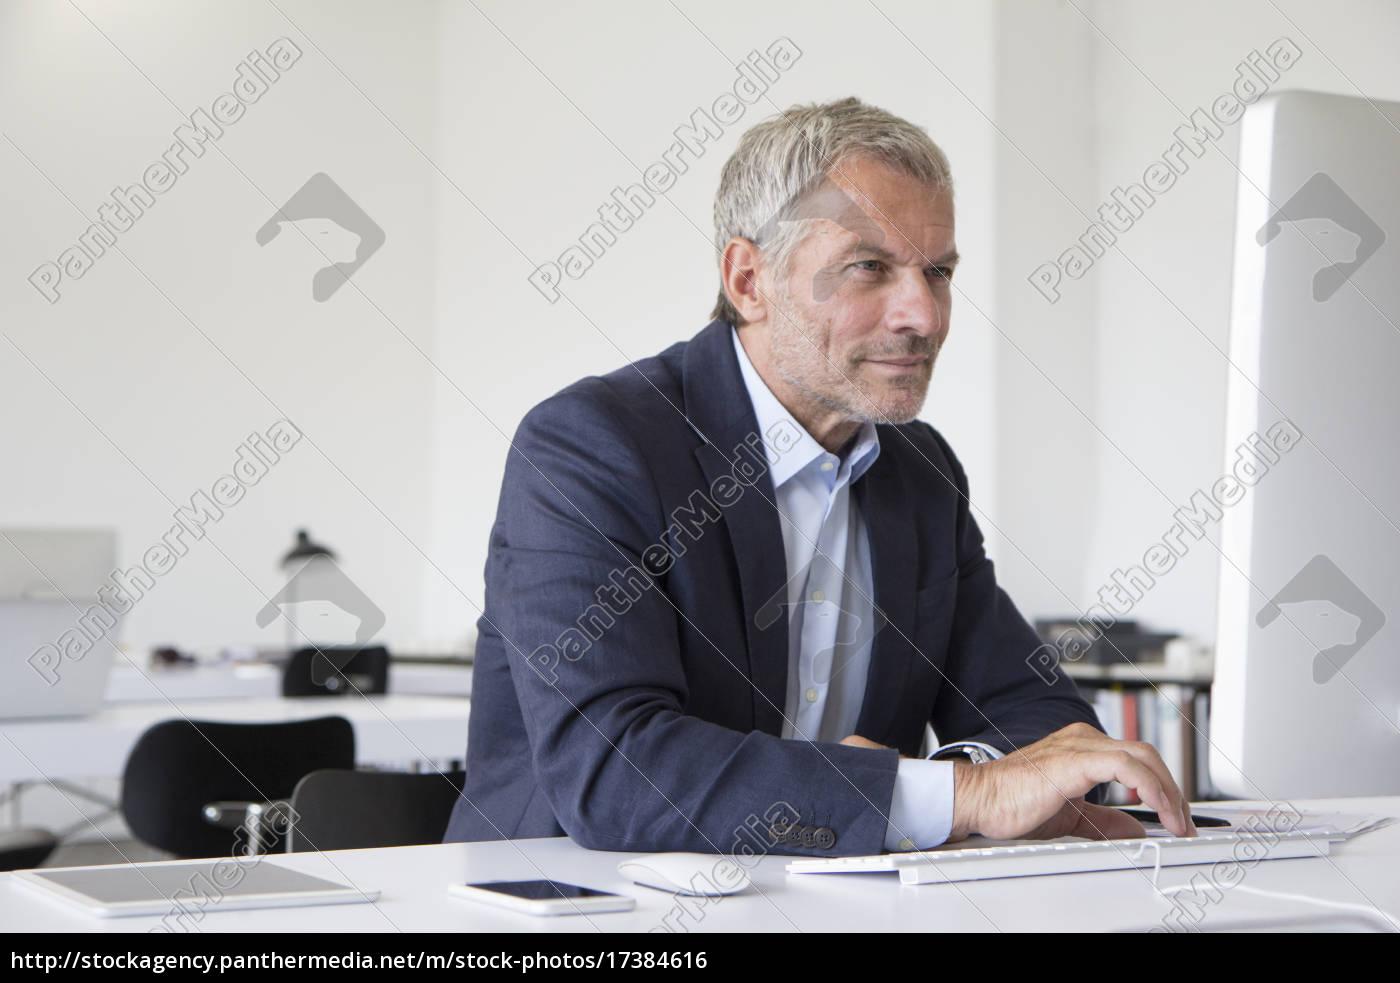 geschäftsmann, im, büro, am, schreibtisch, mit - 17384616